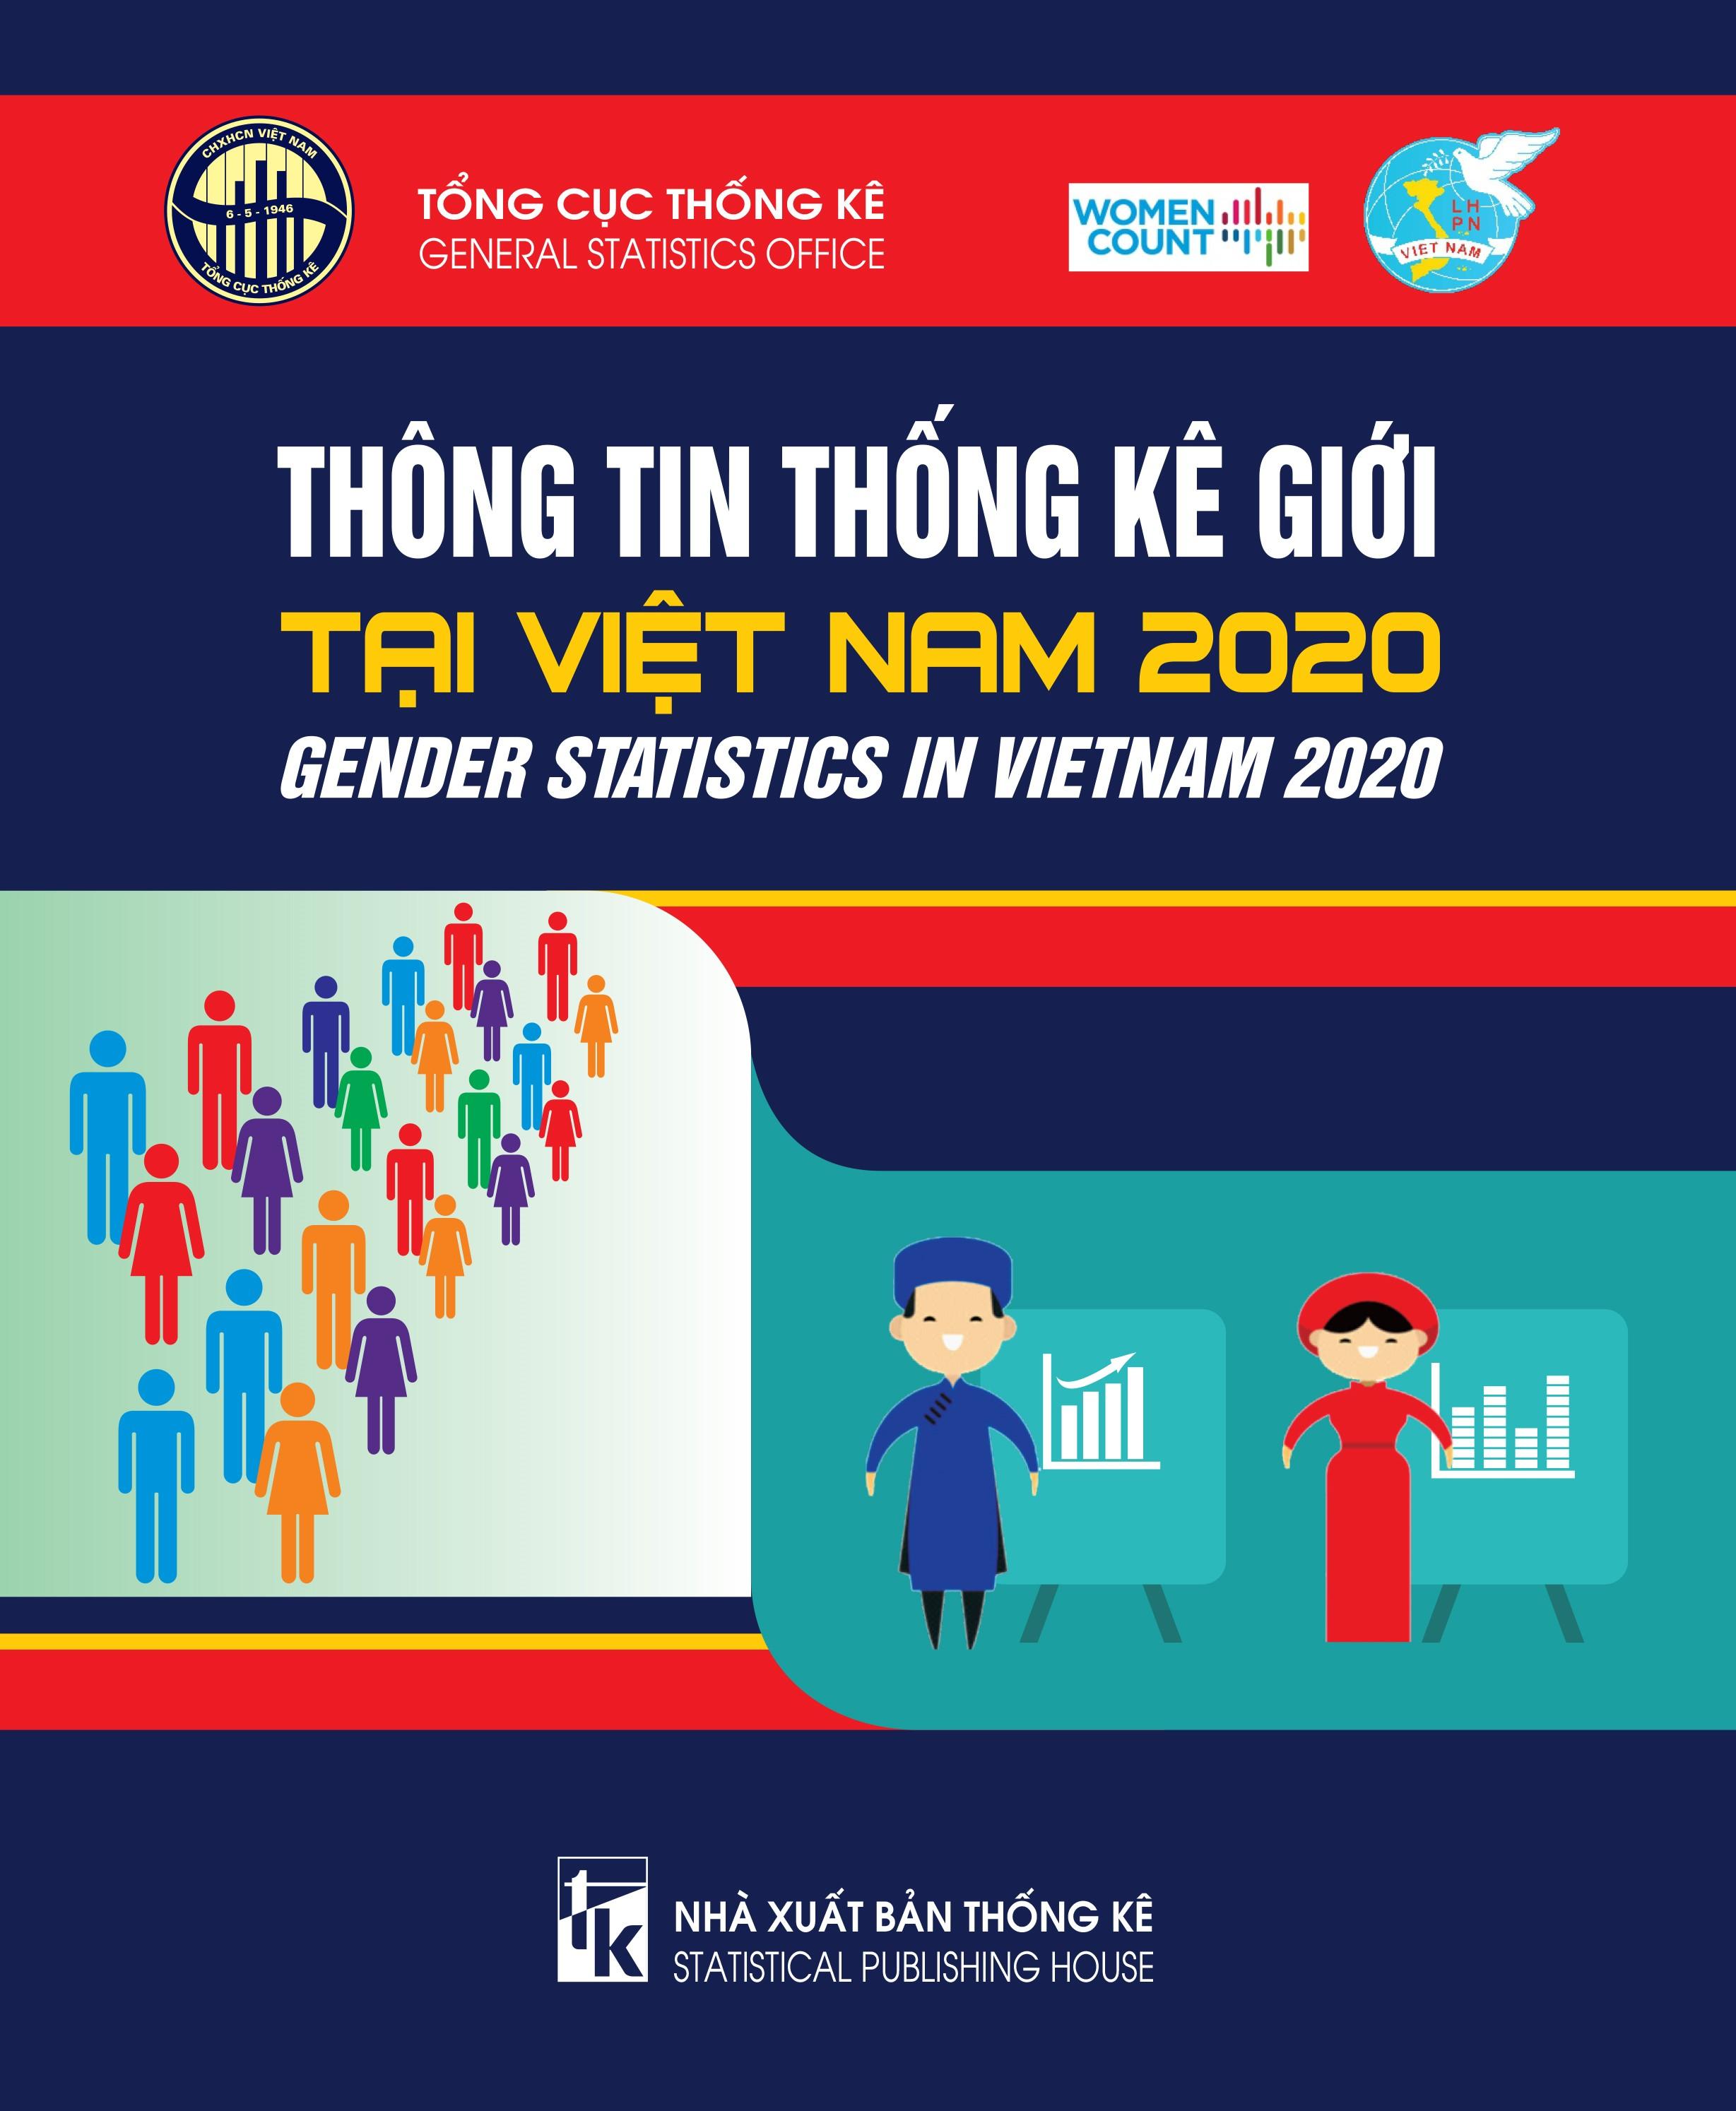 Thông tin thống kê giới tại Việt Nam 2020